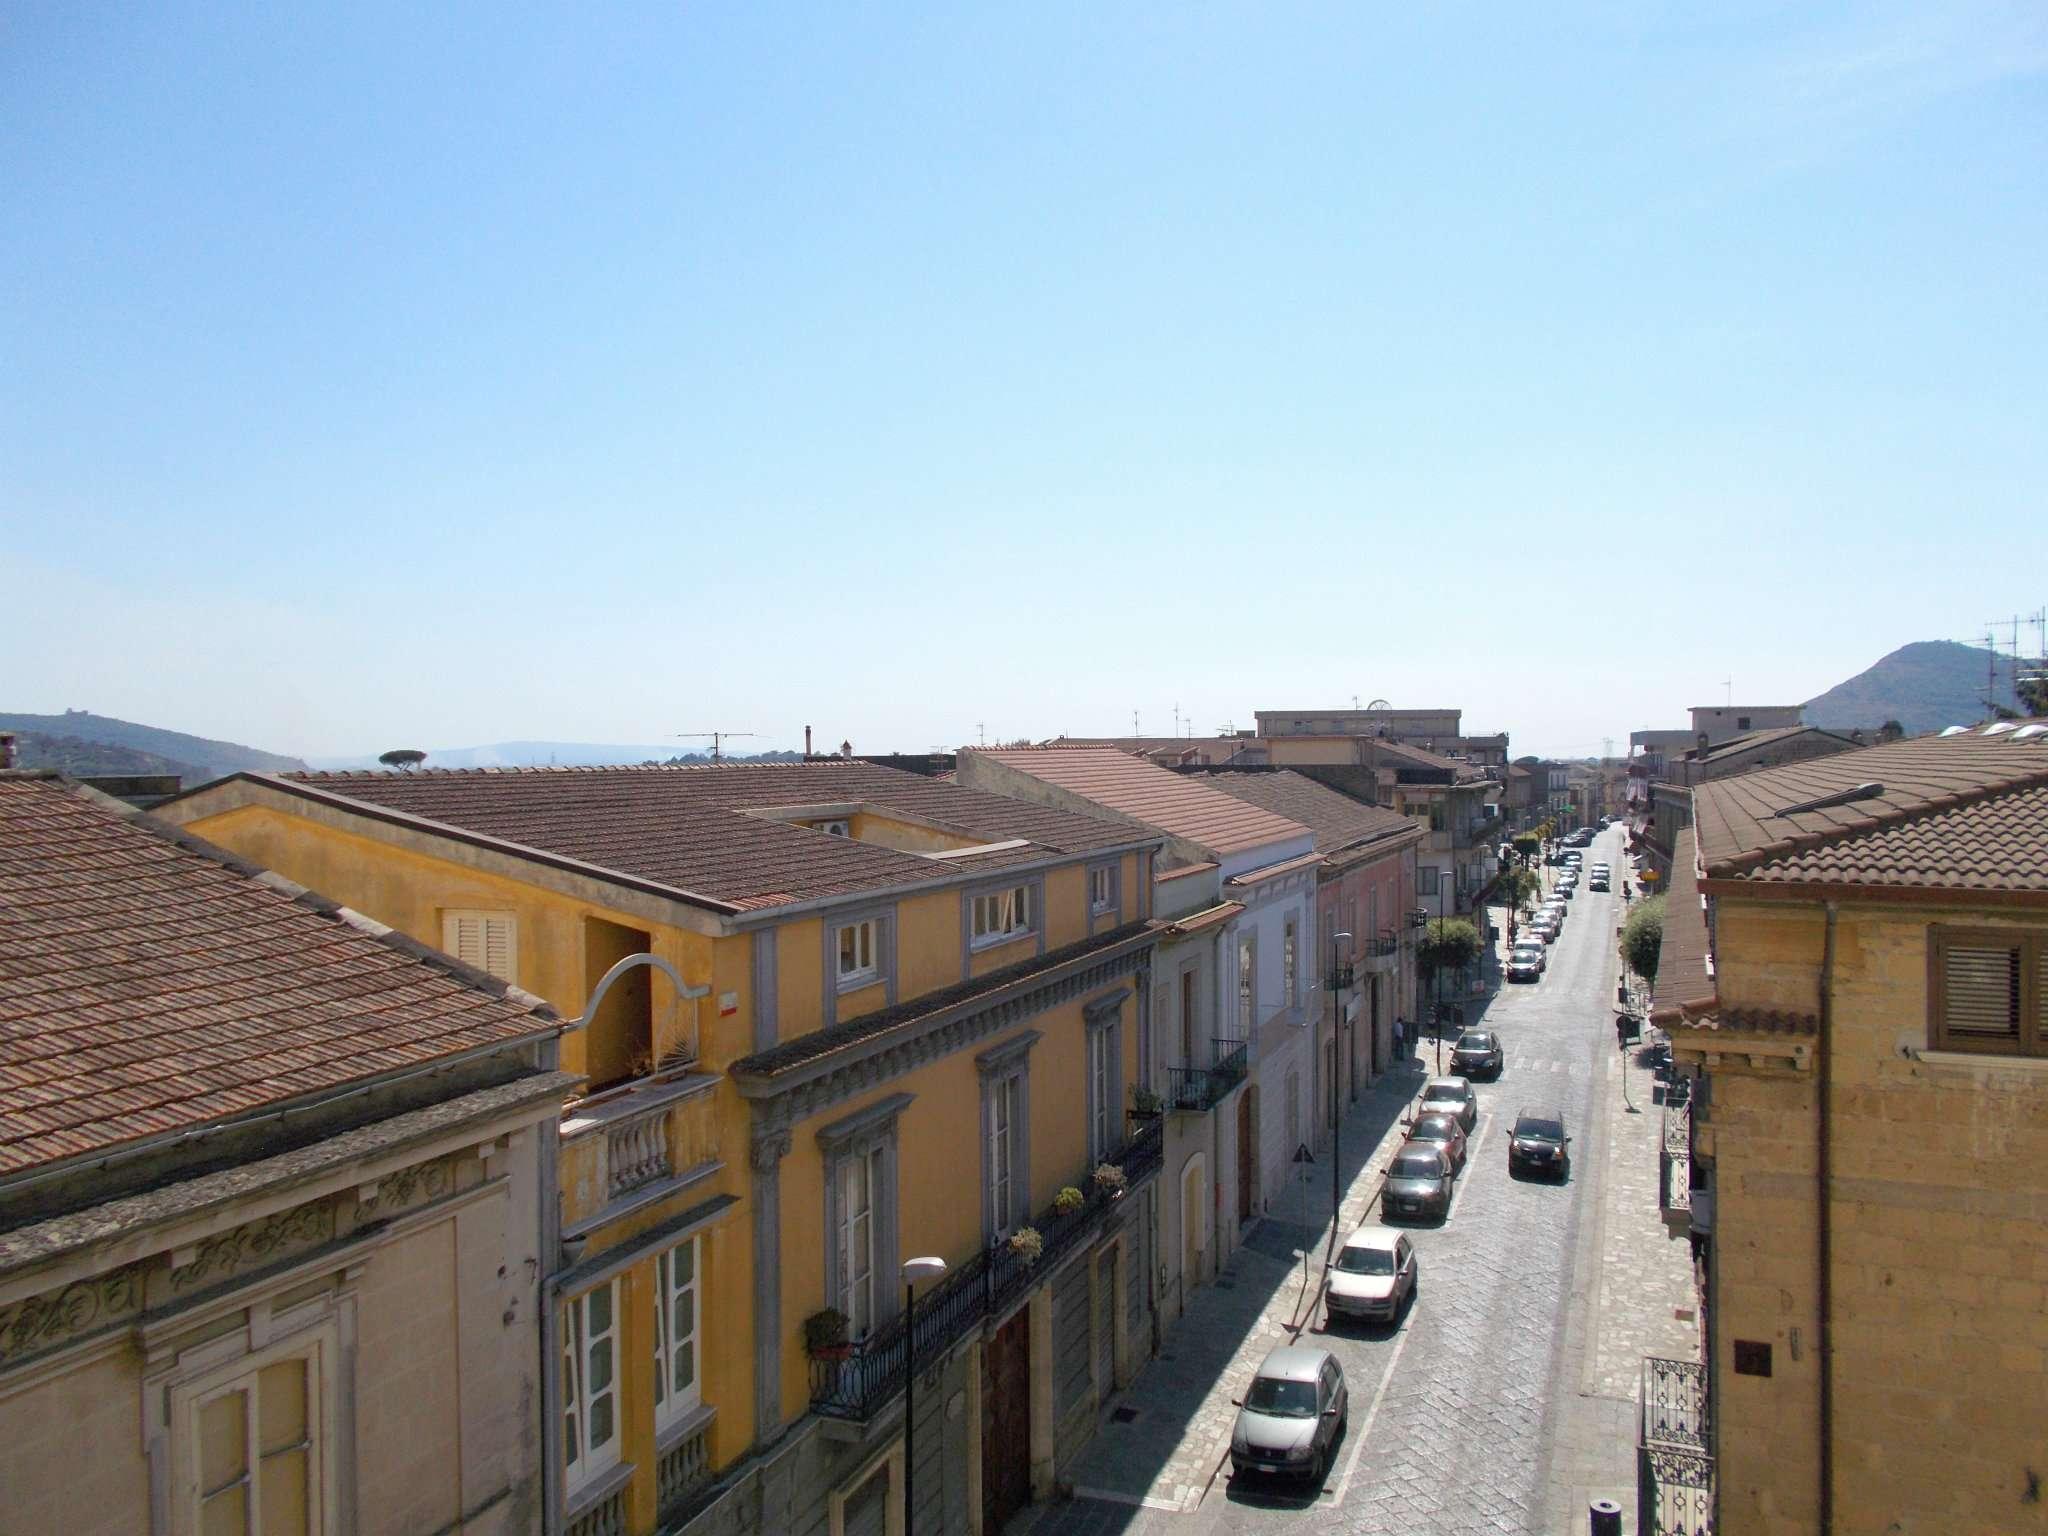 Appartamento in vendita a Santa Maria a Vico, 6 locali, prezzo € 110.000 | CambioCasa.it